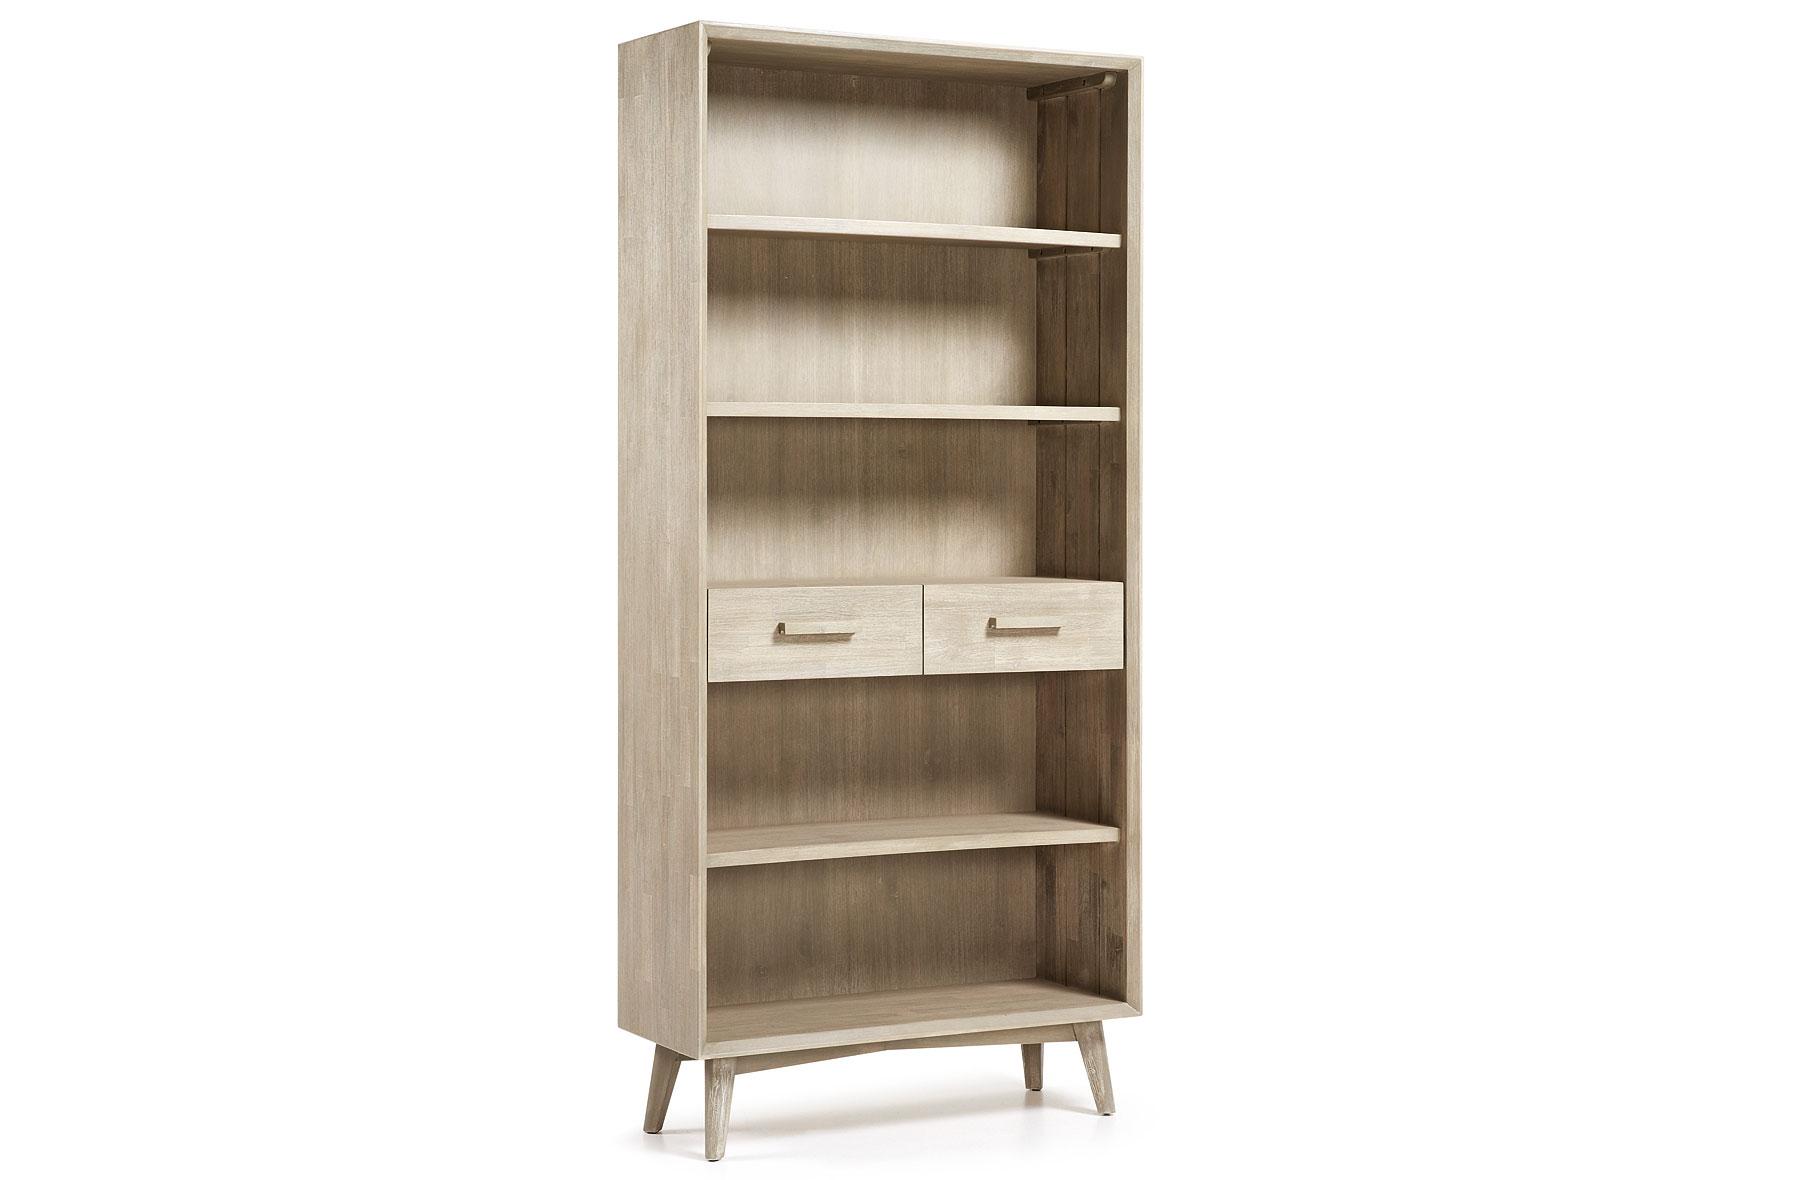 Estanteria madera derwon no disponible en - Muebles estanterias modulares ...